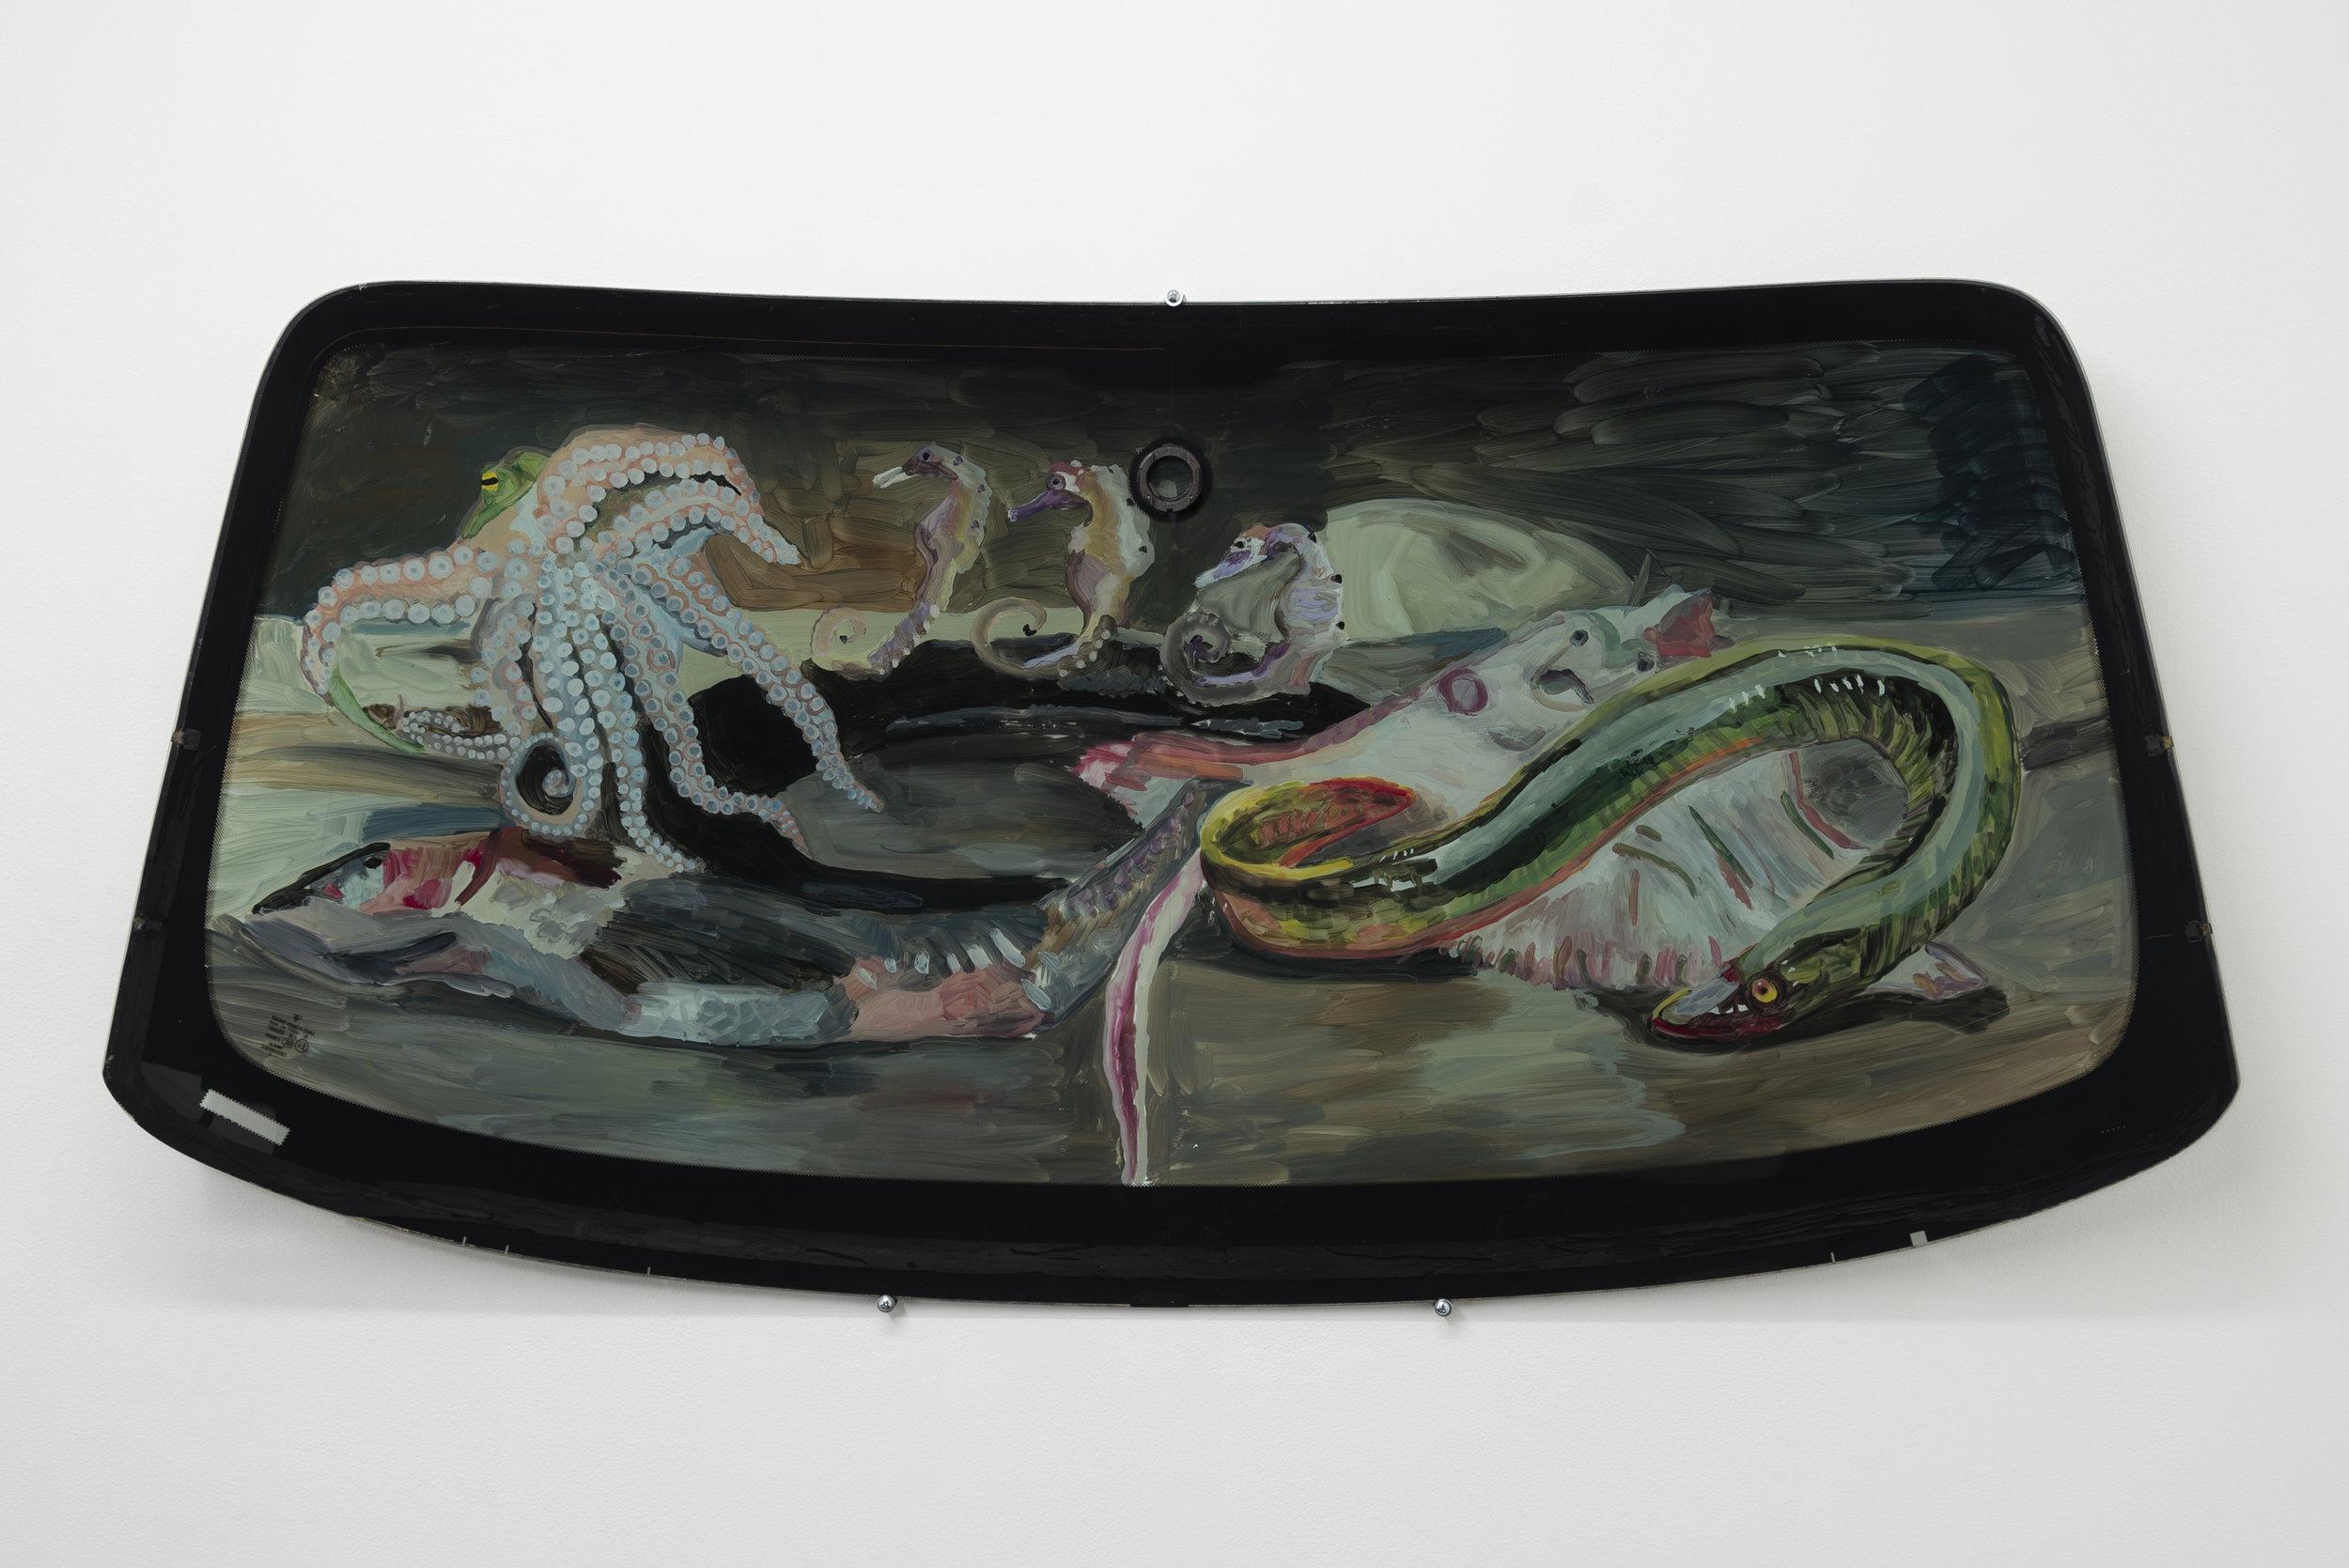 Jill Mulleady,  Still Life with Eel & Octopus , 2018, Enamel on Porsche windshield, 29 x 58 in